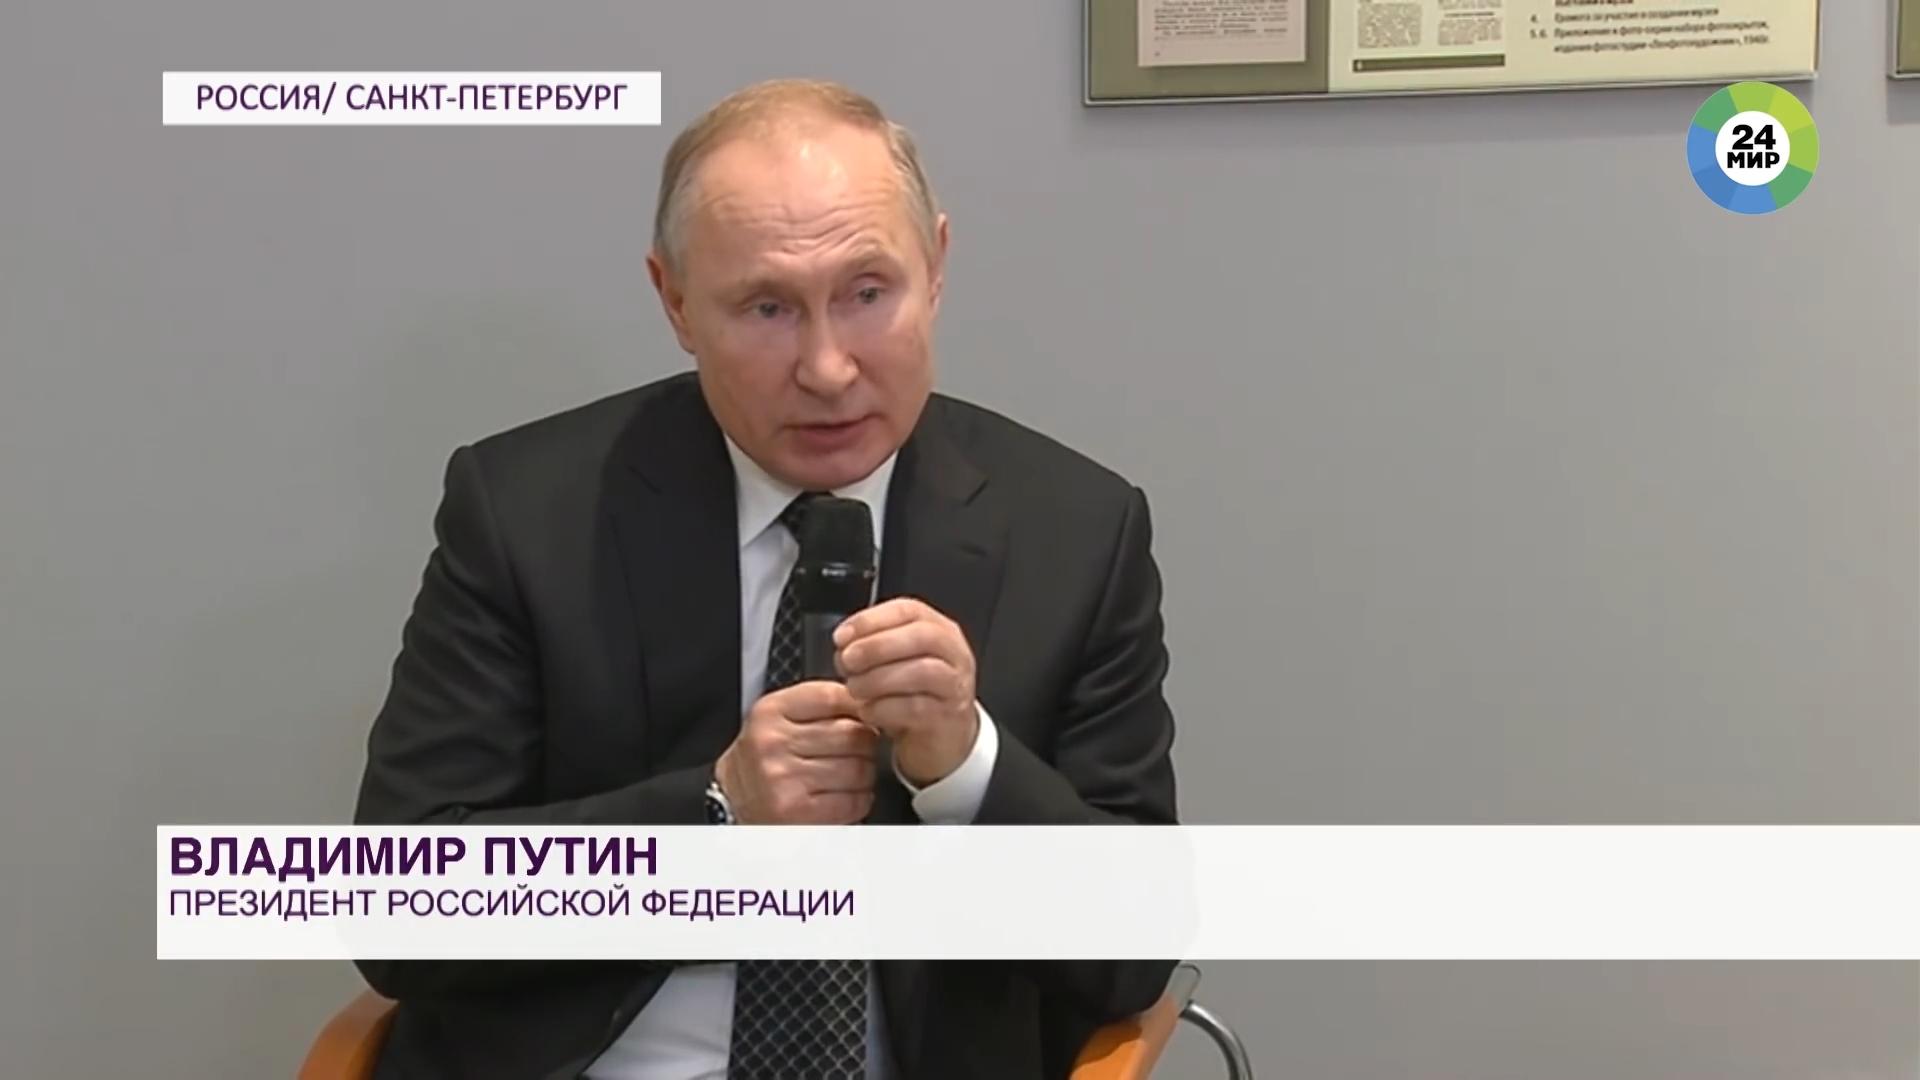 20200118-«Мы заткнем их поганый рот». Путин о тех, кто пытается переиначить историю-pic1